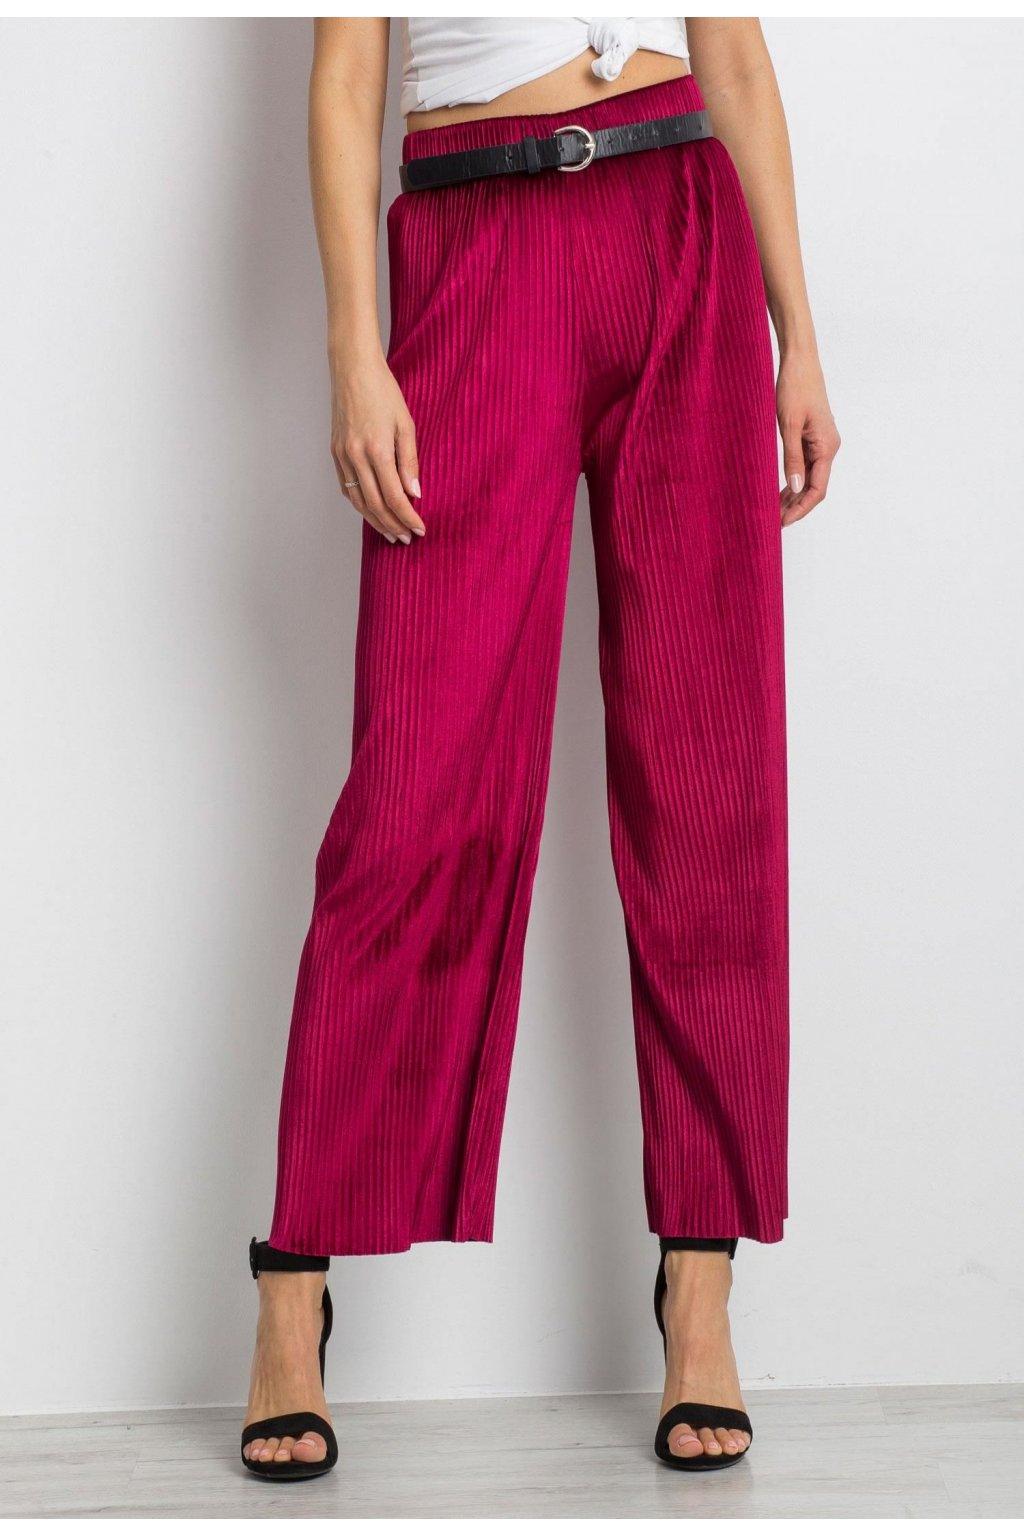 Bordové dámske nohavice